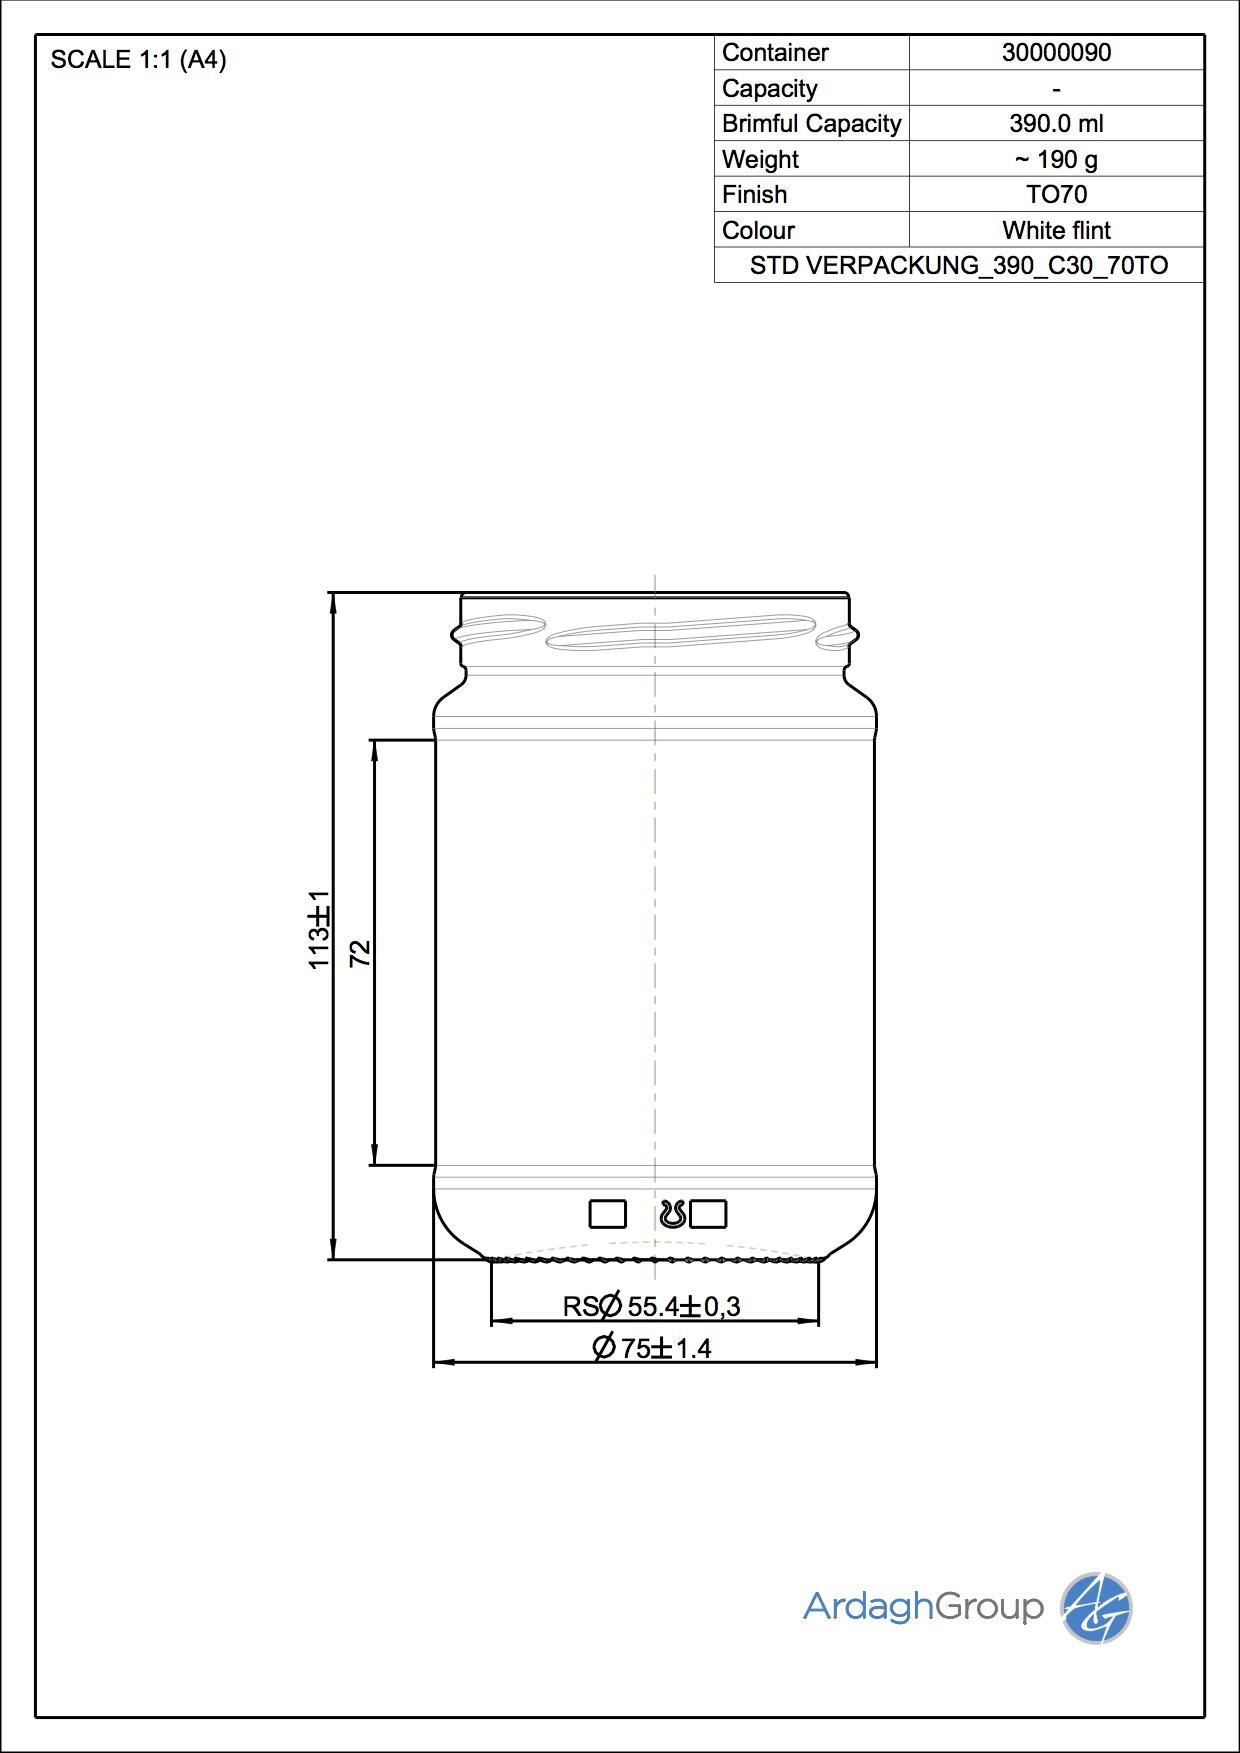 Verpackungsglas 390 C30 70TO